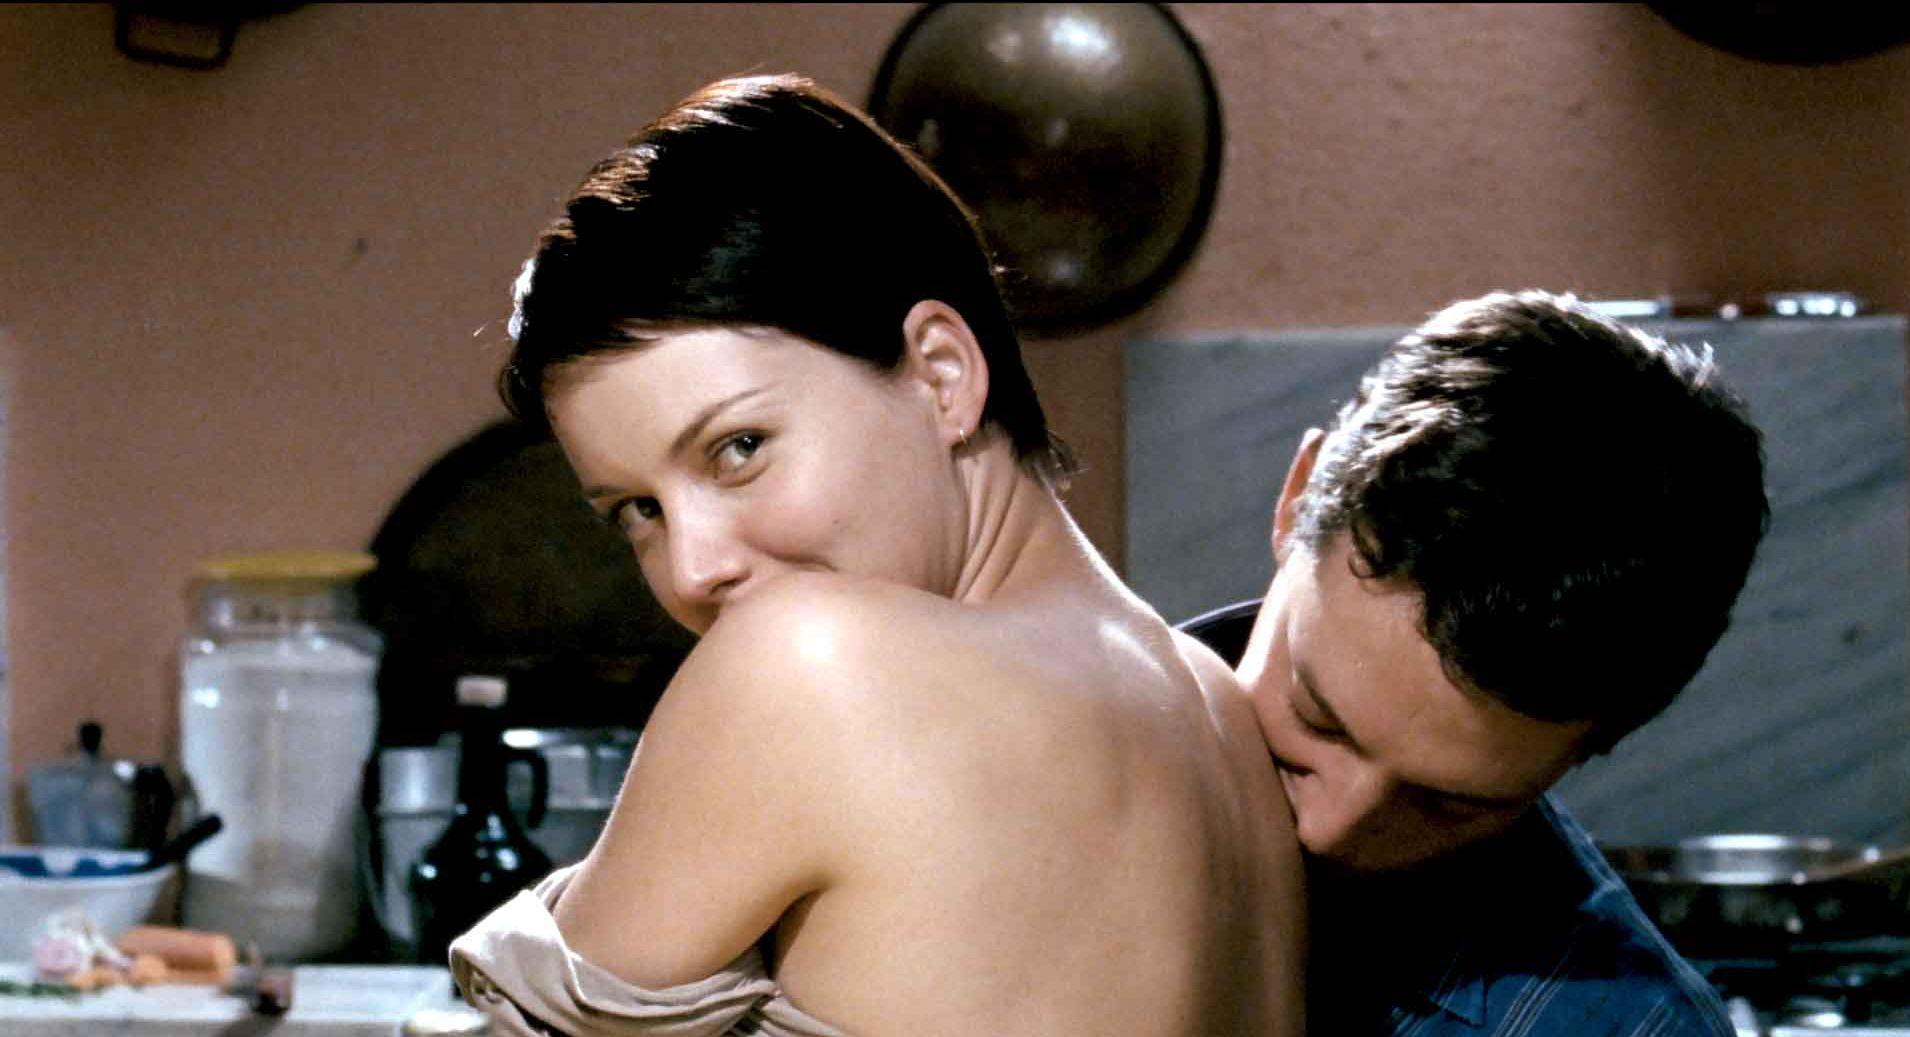 Soundtrack - Ti spio, ti guardo, ti ascolto: lo sguardo malizioso di Andrea Osvart in una scena del film